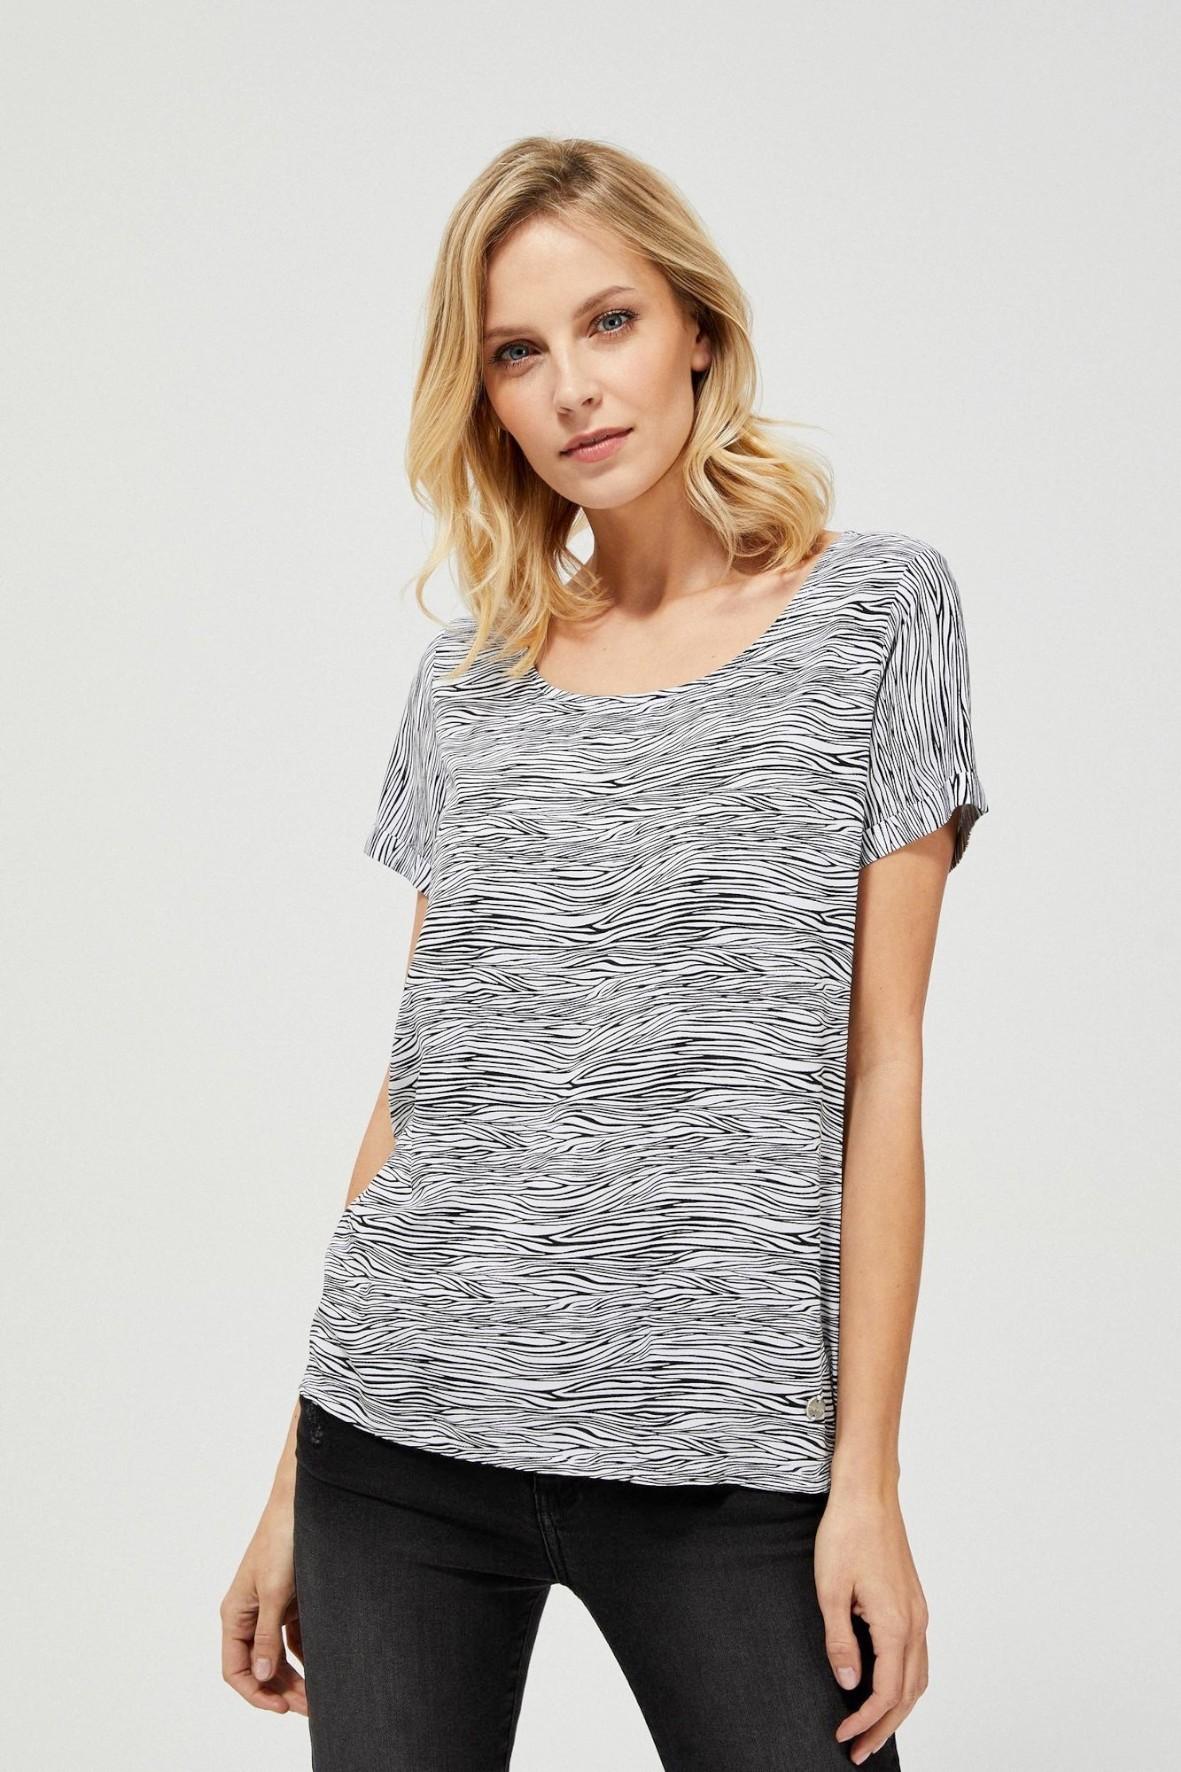 Bluzka damska koszulowa na krótki rękaw wzór zebry biało-czarna